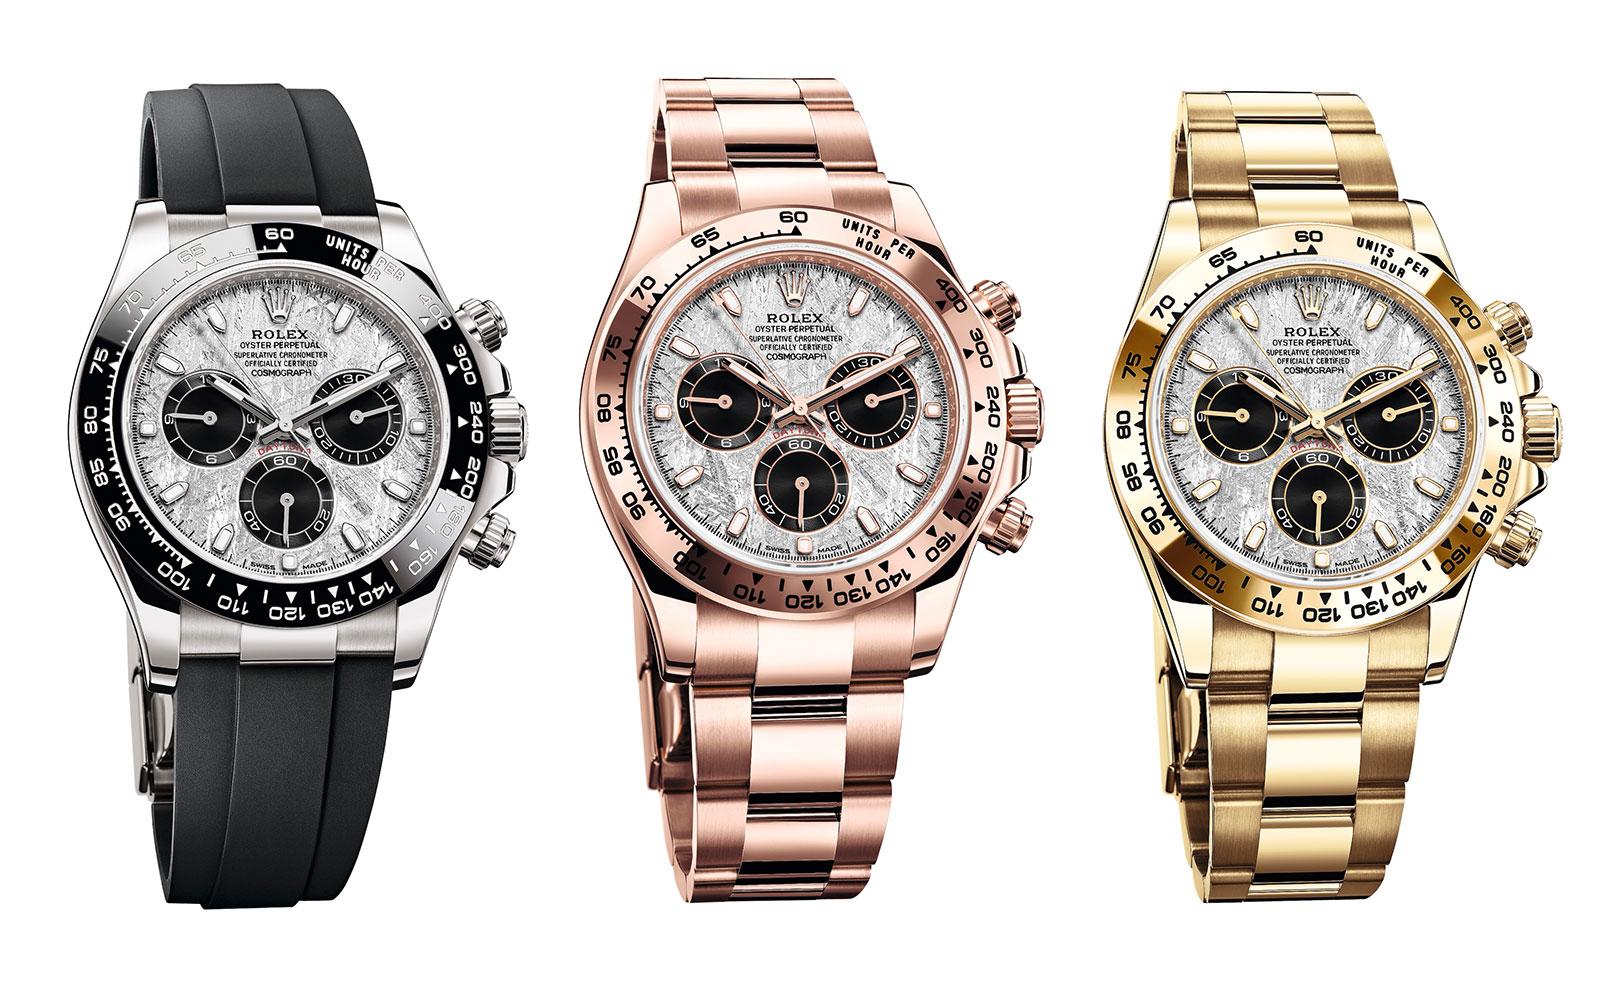 Rolex giới thiệu 16 mẫu đồng hồ mới cho 2021 4